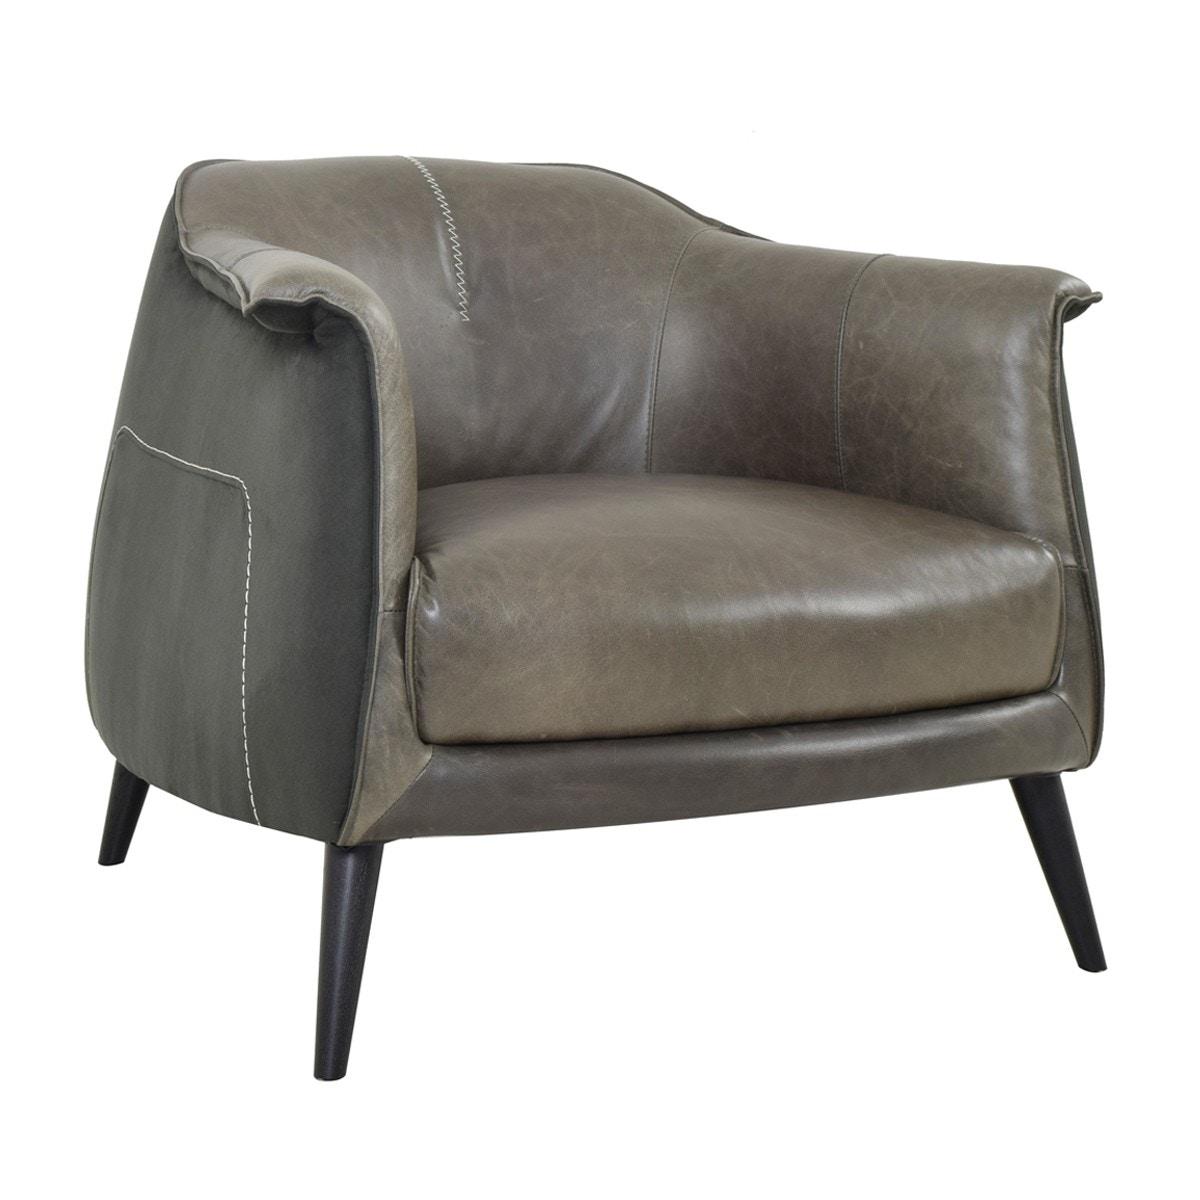 Merveilleux Classic Home Martel Club Chair Wolf Char 2101CH71 In Portland, Oregon